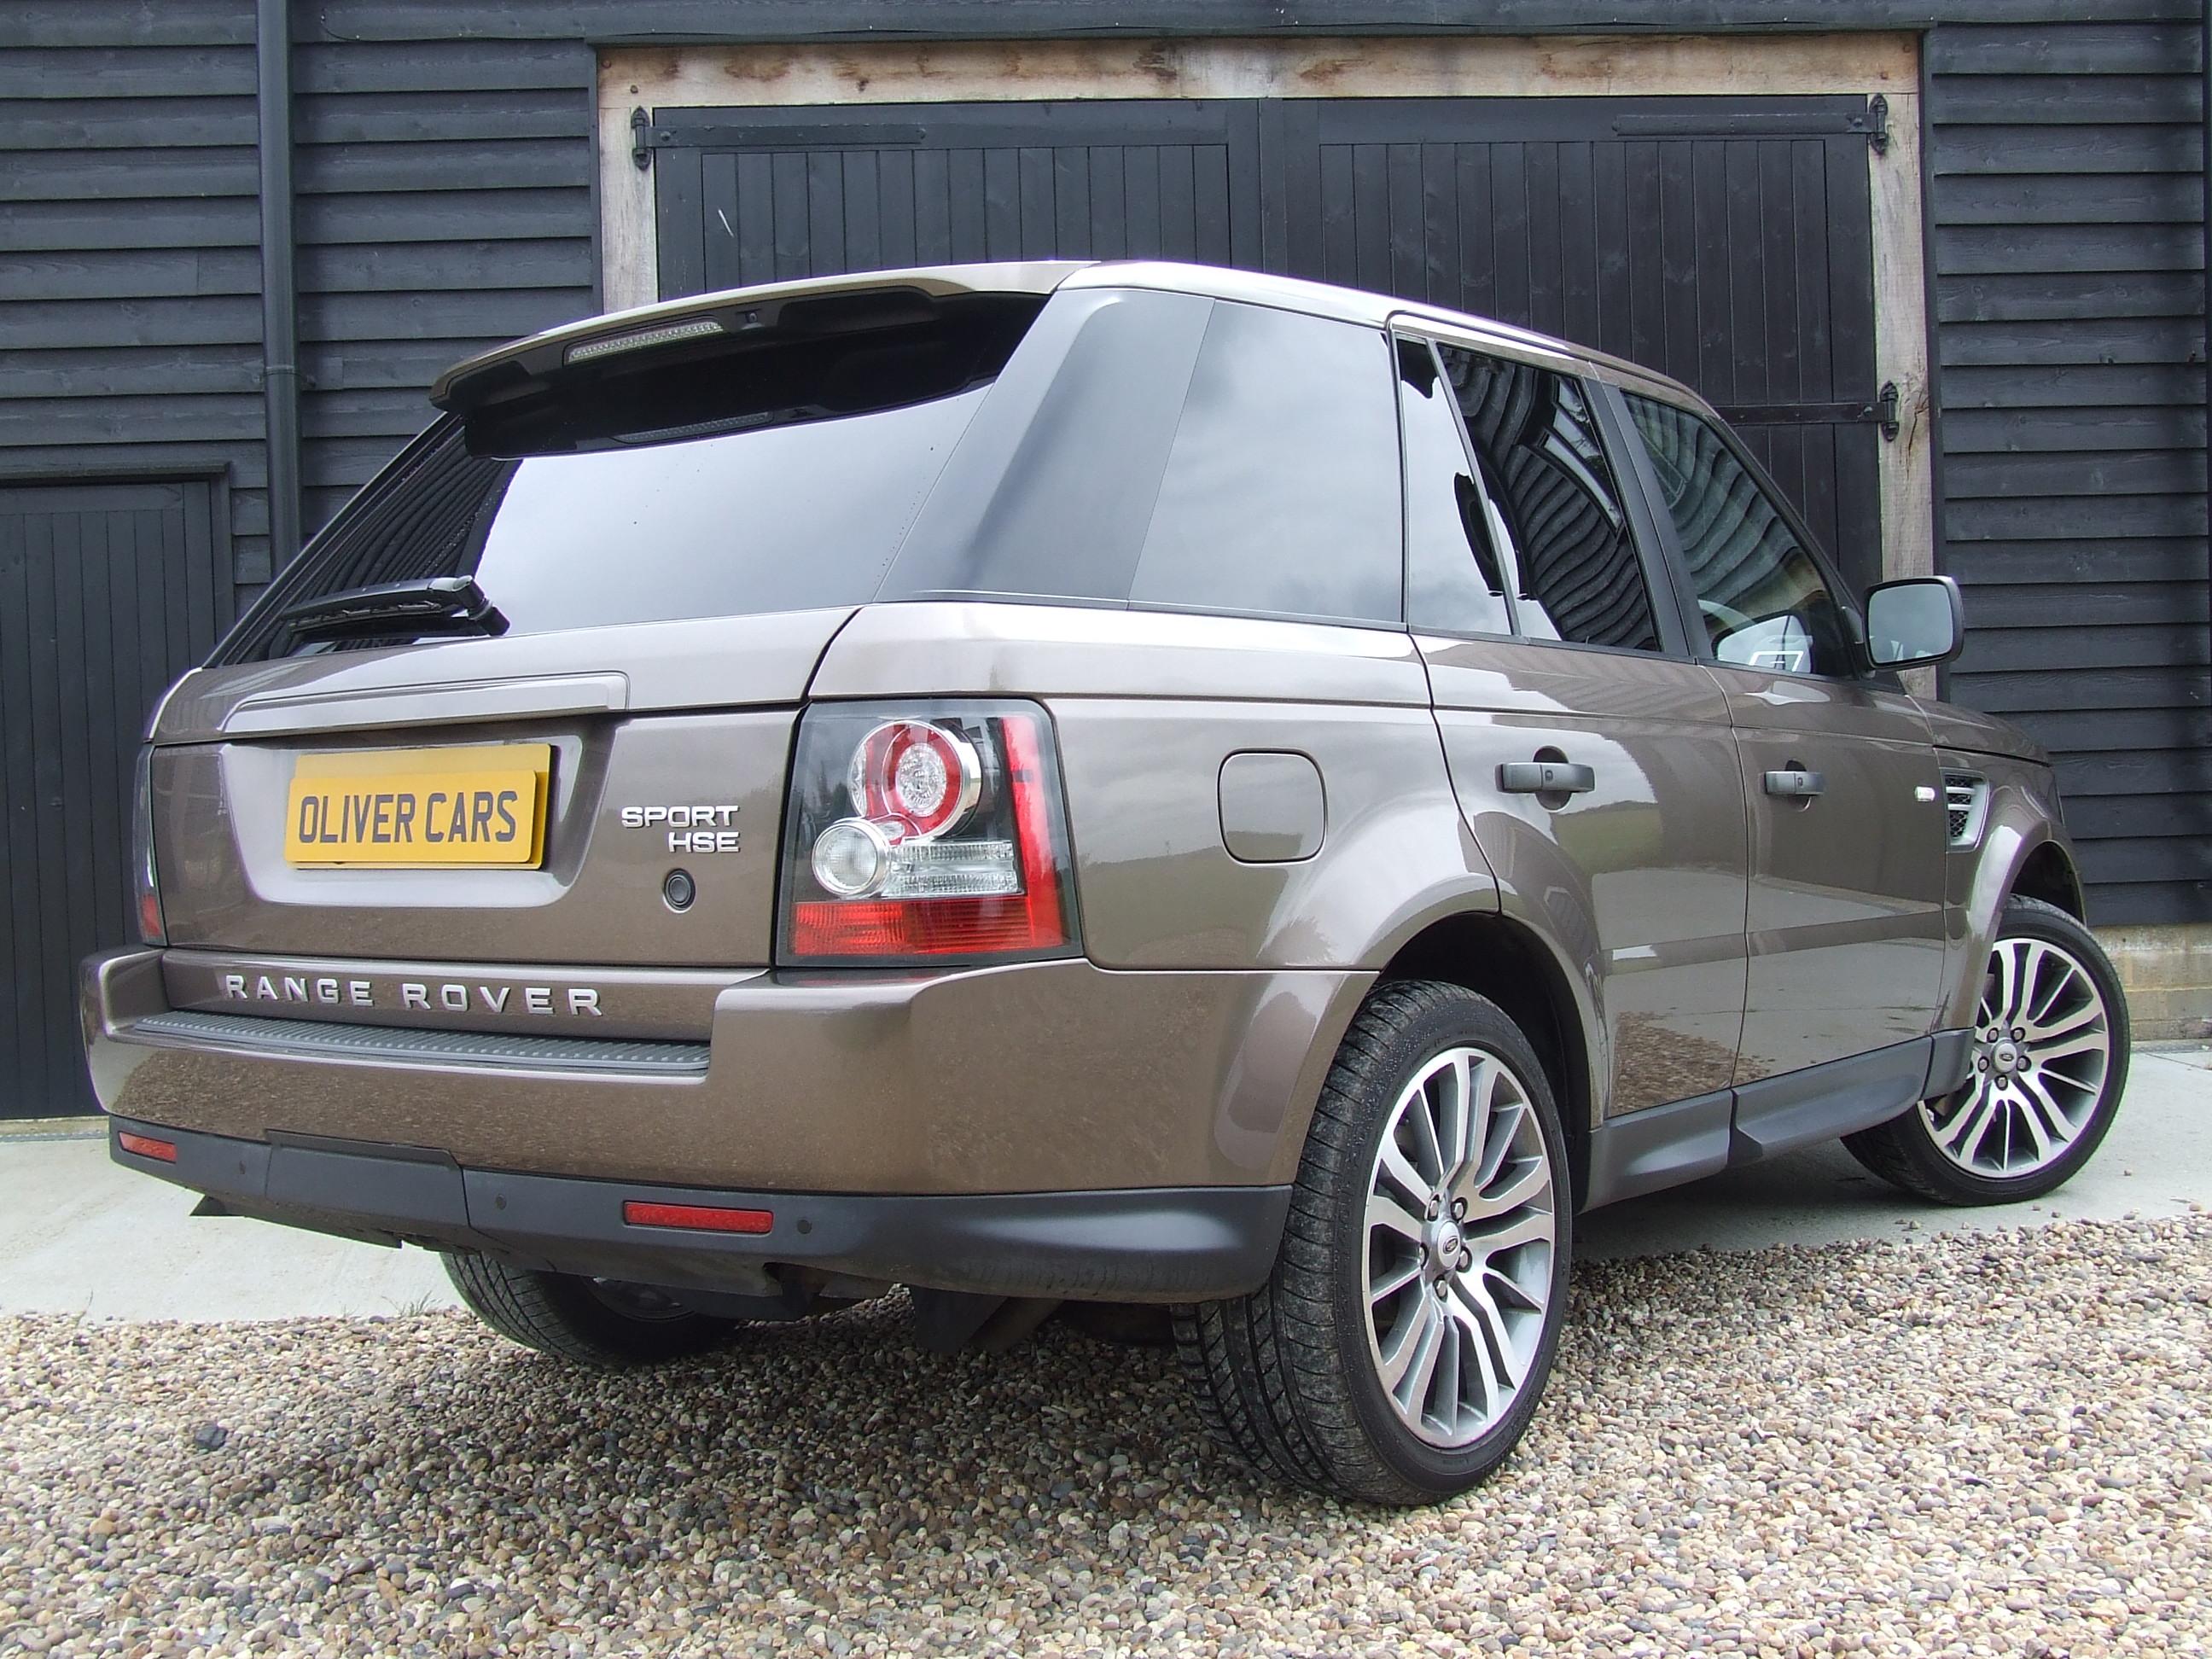 range rover sport 3 0 tdv6 hse commandshift oliver cars ltd. Black Bedroom Furniture Sets. Home Design Ideas